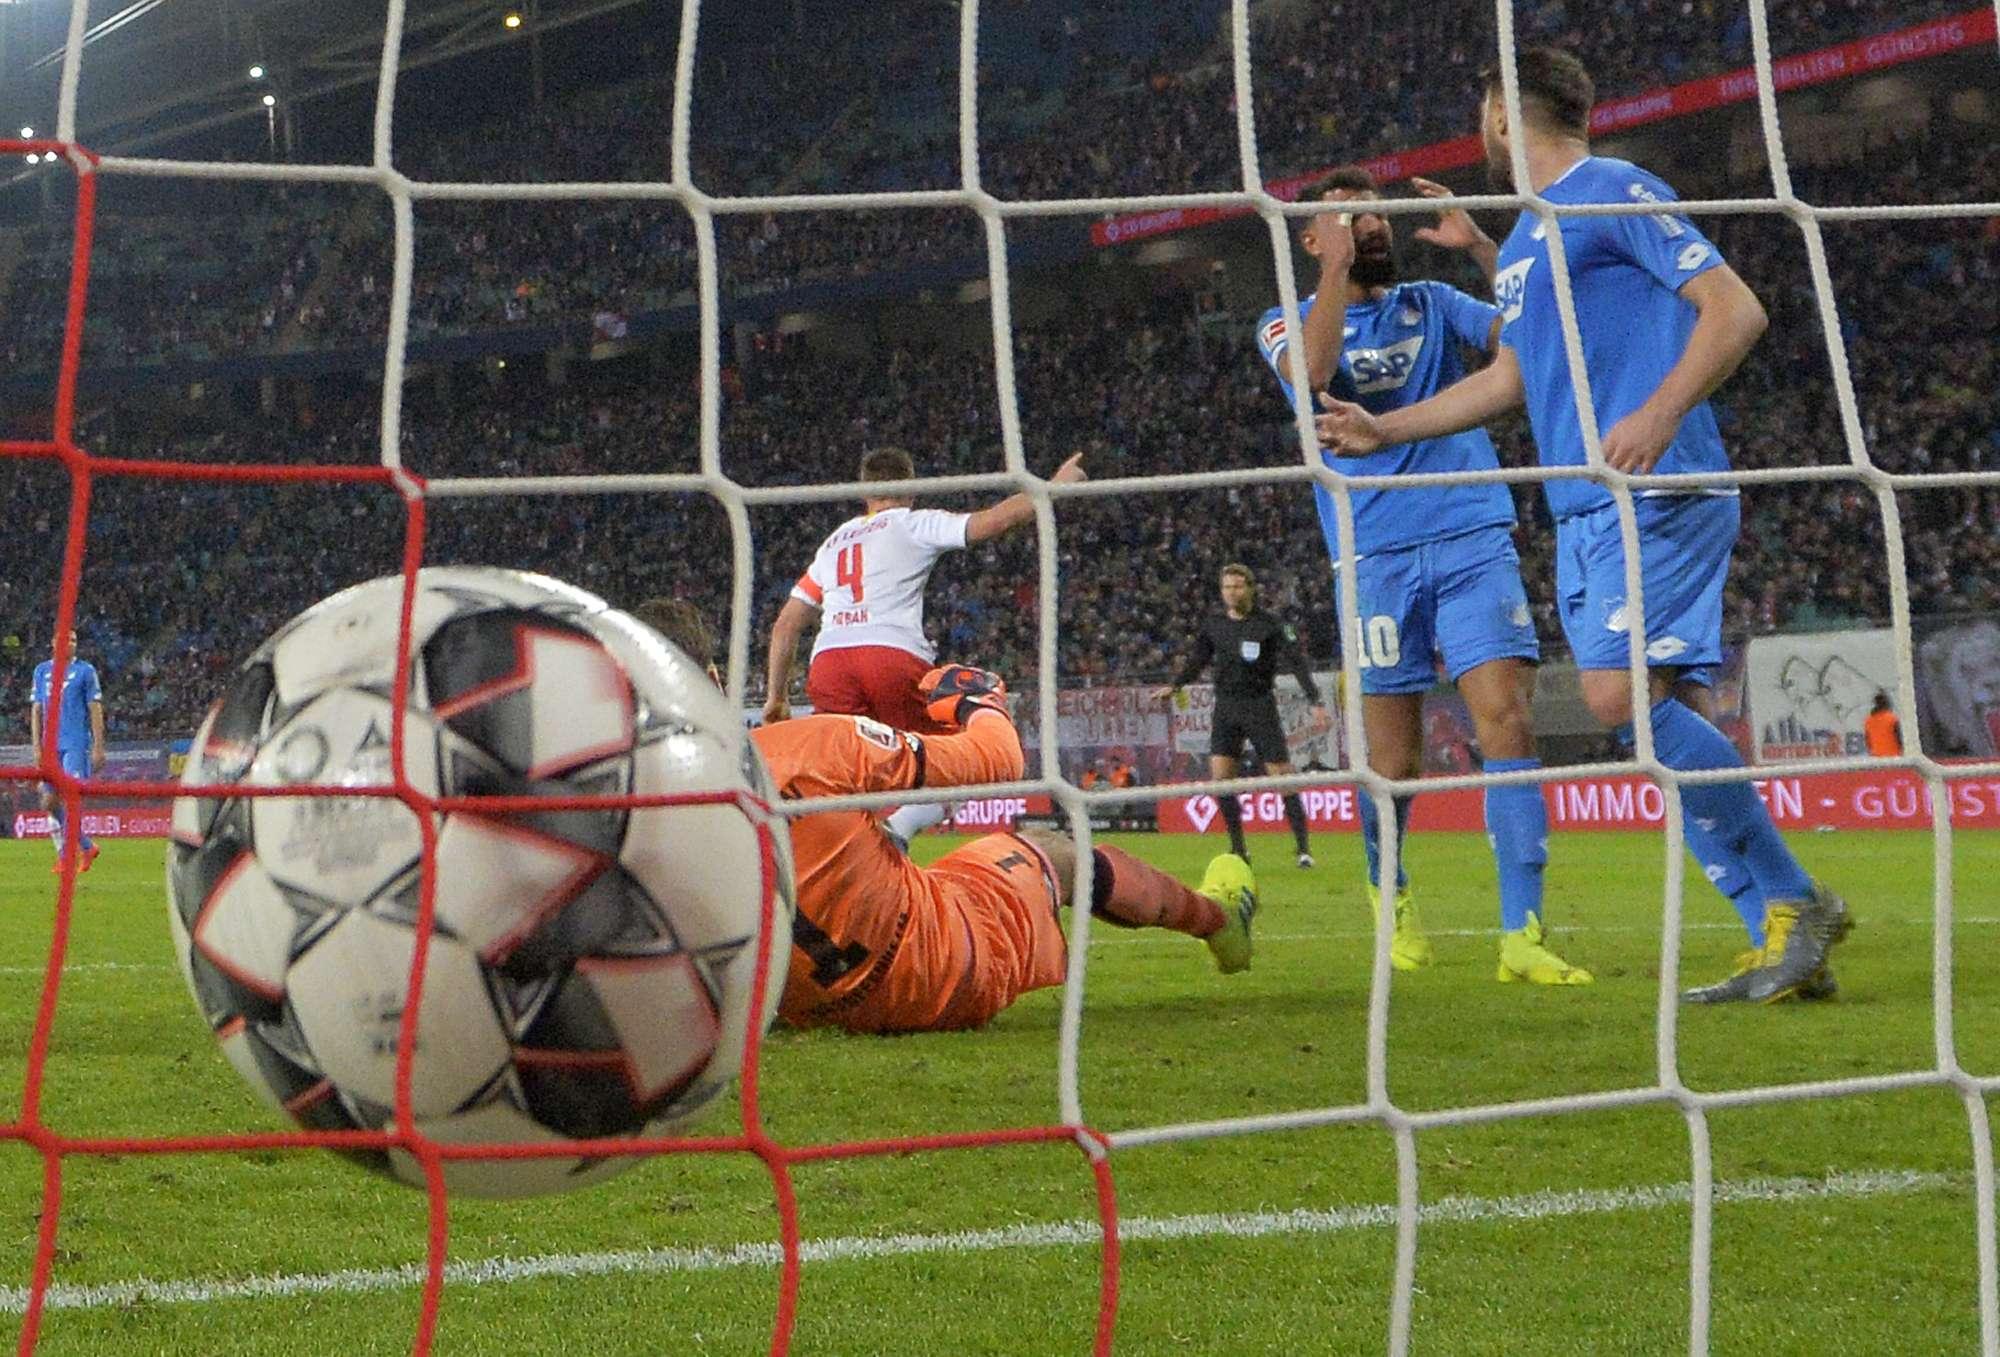 Leipzig empata 1-1 y sigue rumbo a la Liga de Campeones